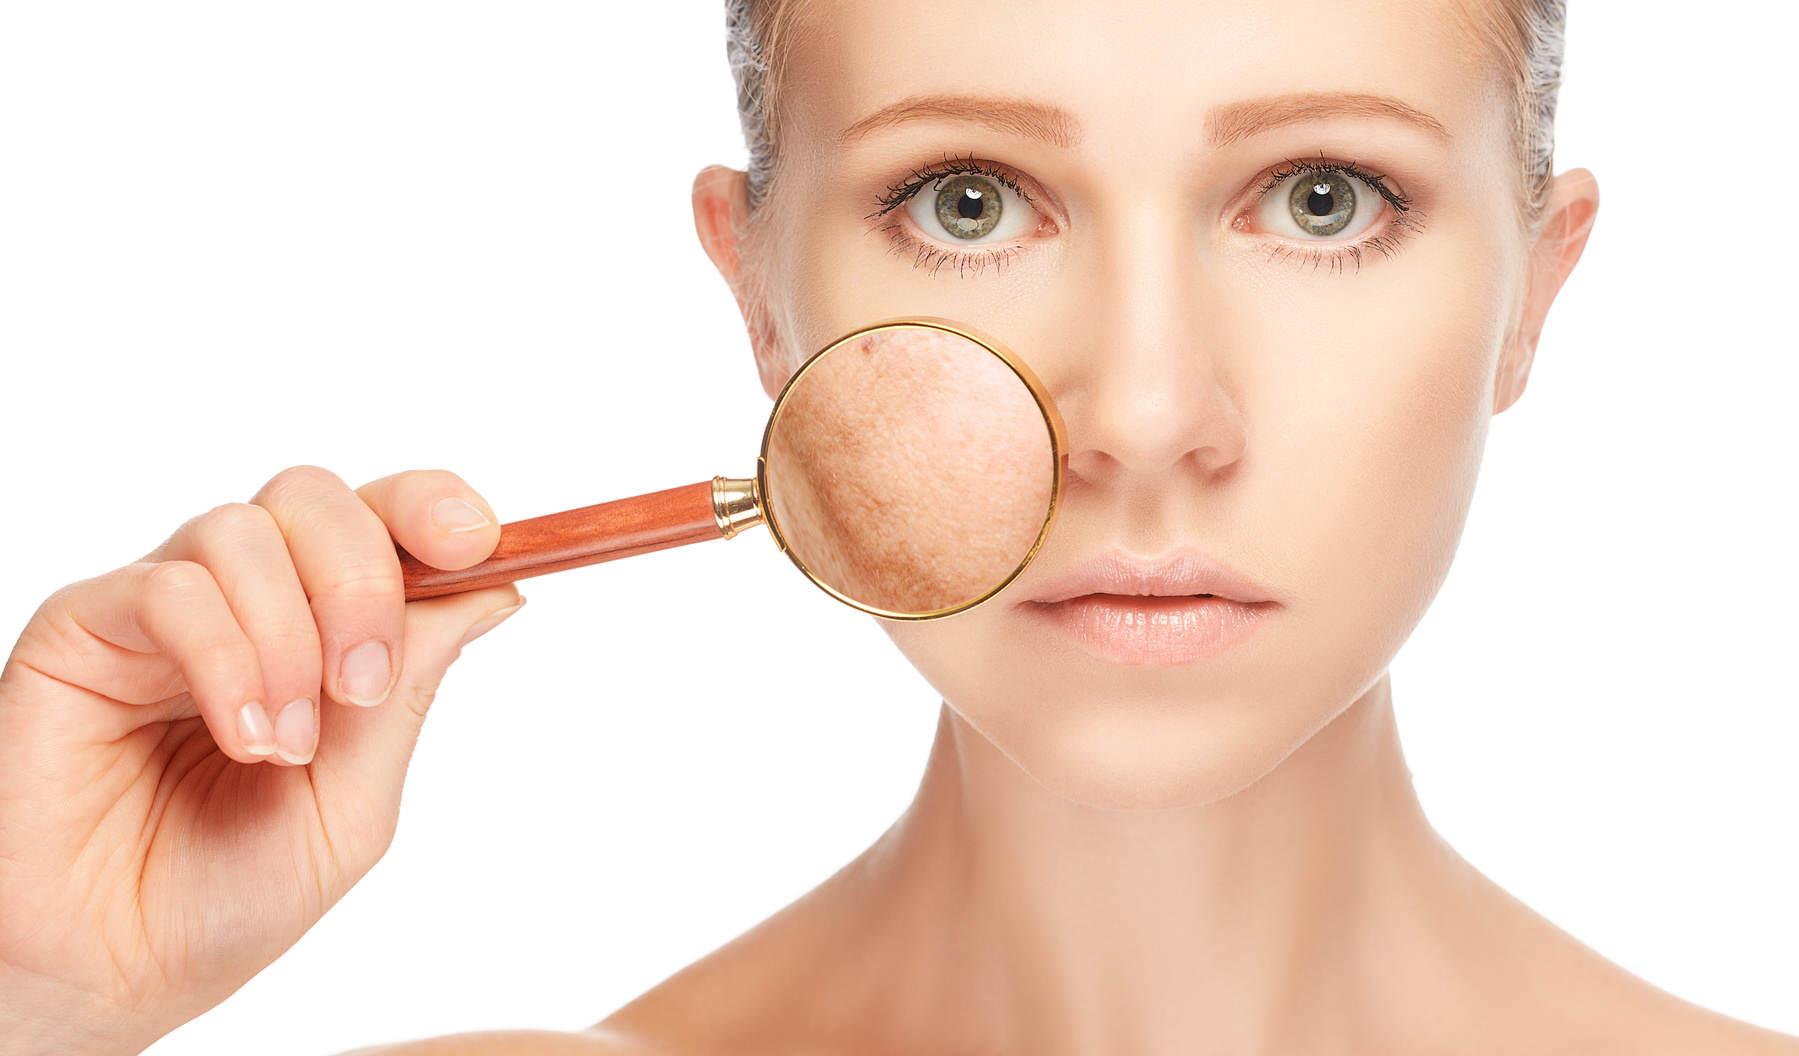 البقع على الجلد بسبب الإجهاد